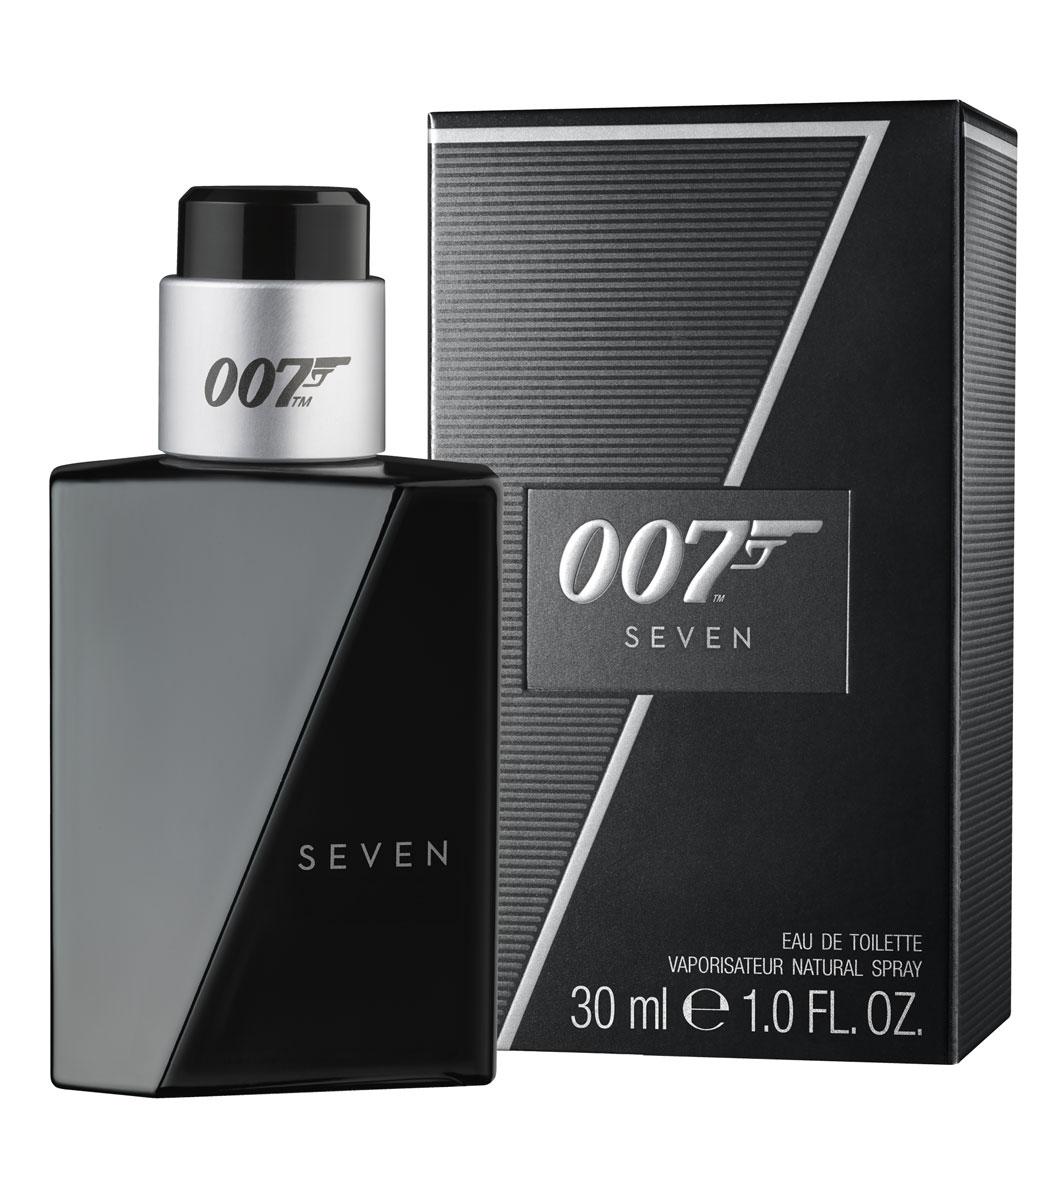 James Bond Seven Туалетная вода мужская 30 мл1301028Мужественность и сила агента 007, вызывающие восхищение у поклонников, послужили вдохновением для создания премиального аромата SEVEN. Бережно подобранные ноты композиции дополнены простой и элегантной формой флакона. Верхние ноты открываются сладким мандарином, дополненным энергичным бергамотом и свежим яблоком. Сердце наполнено пробуждающими и волнующими специями: корицей, шафраном и белым перцем. Гладкий янтарь, ваниль и мускус в сочетании с карамелью формируют базу аромата, а ноты кожи, красного дерева, кедра и сандала завершают композицию.Верхняя нота: Мандарин, Бергамот, Яблоко.Средняя нота: корица, шафран, белый перец.Шлейф: янтарь, ваниль и мускус.Новая грань тайны от агента 007. Мускус и красное дерево.Дневной и вечерний аромат.